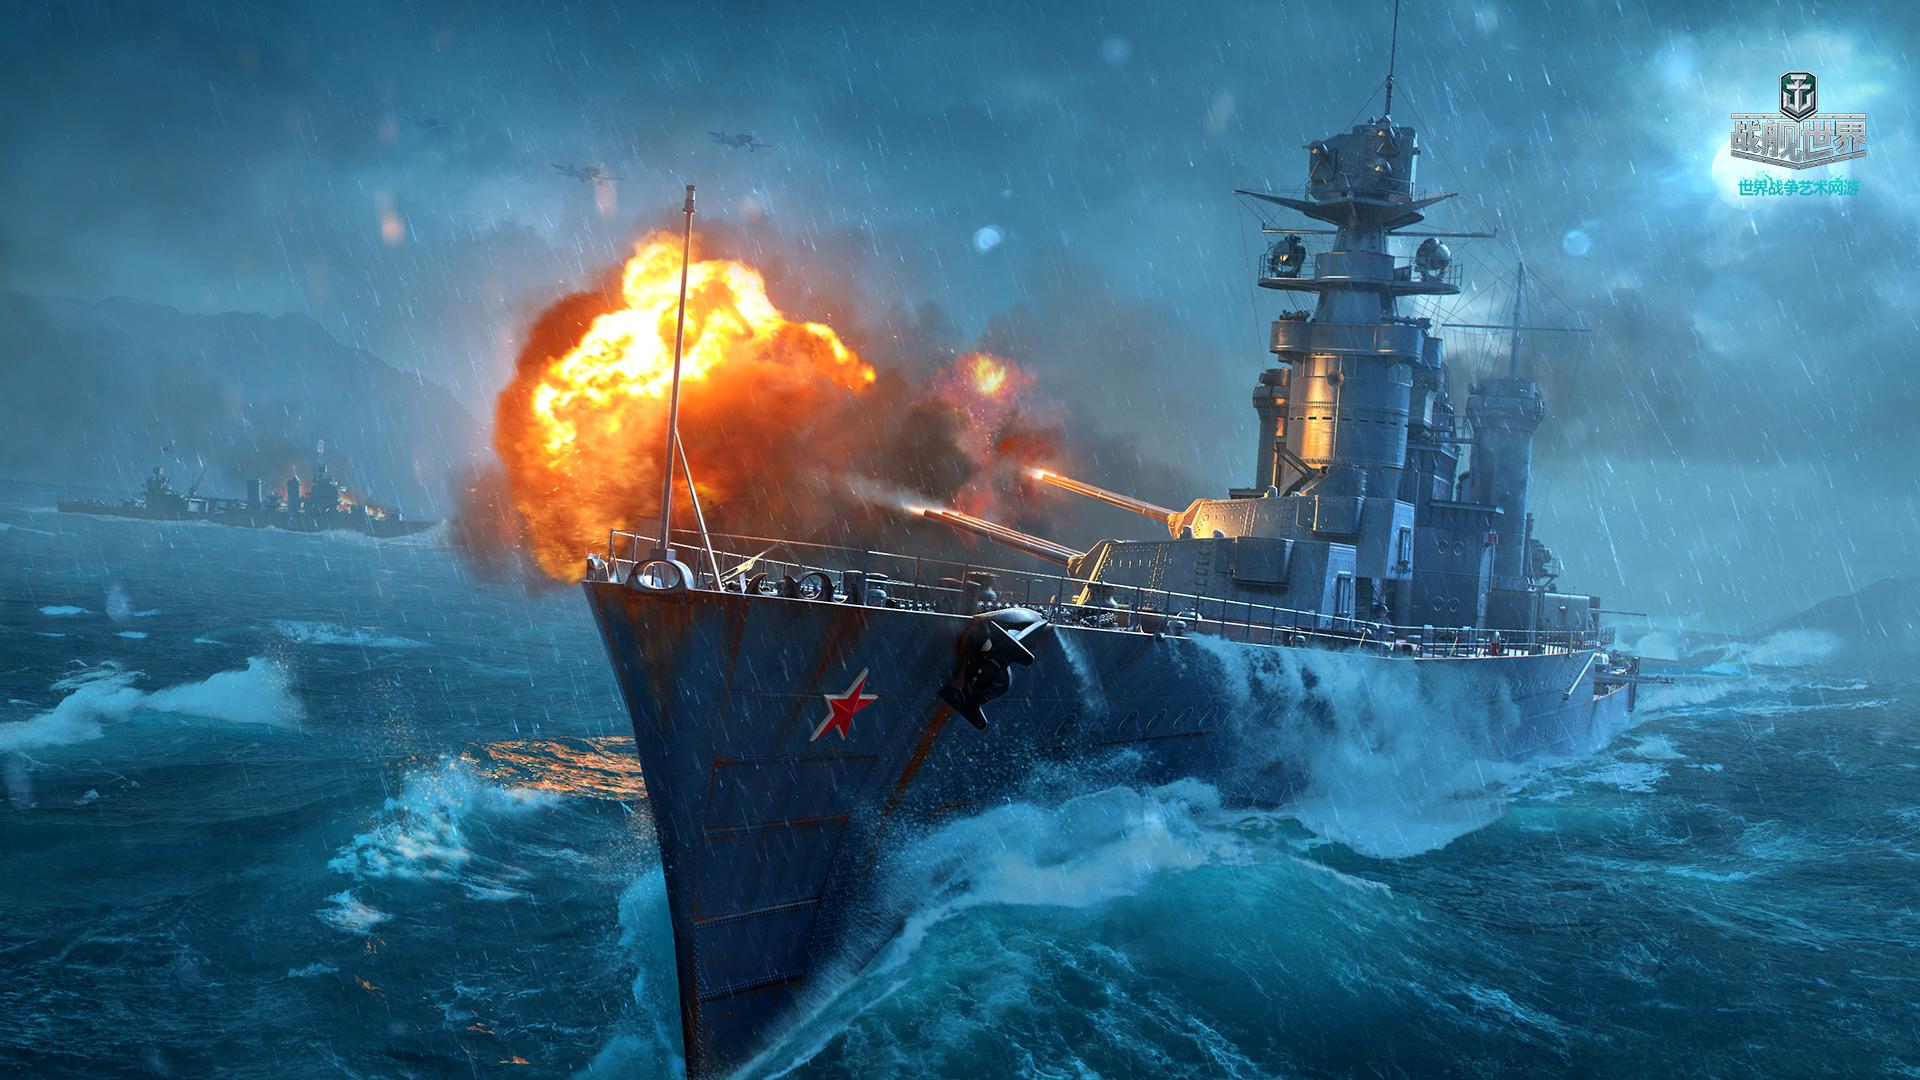 每日资讯_战舰世界官方首页-WOWS-空中网-军武游戏就在空中网